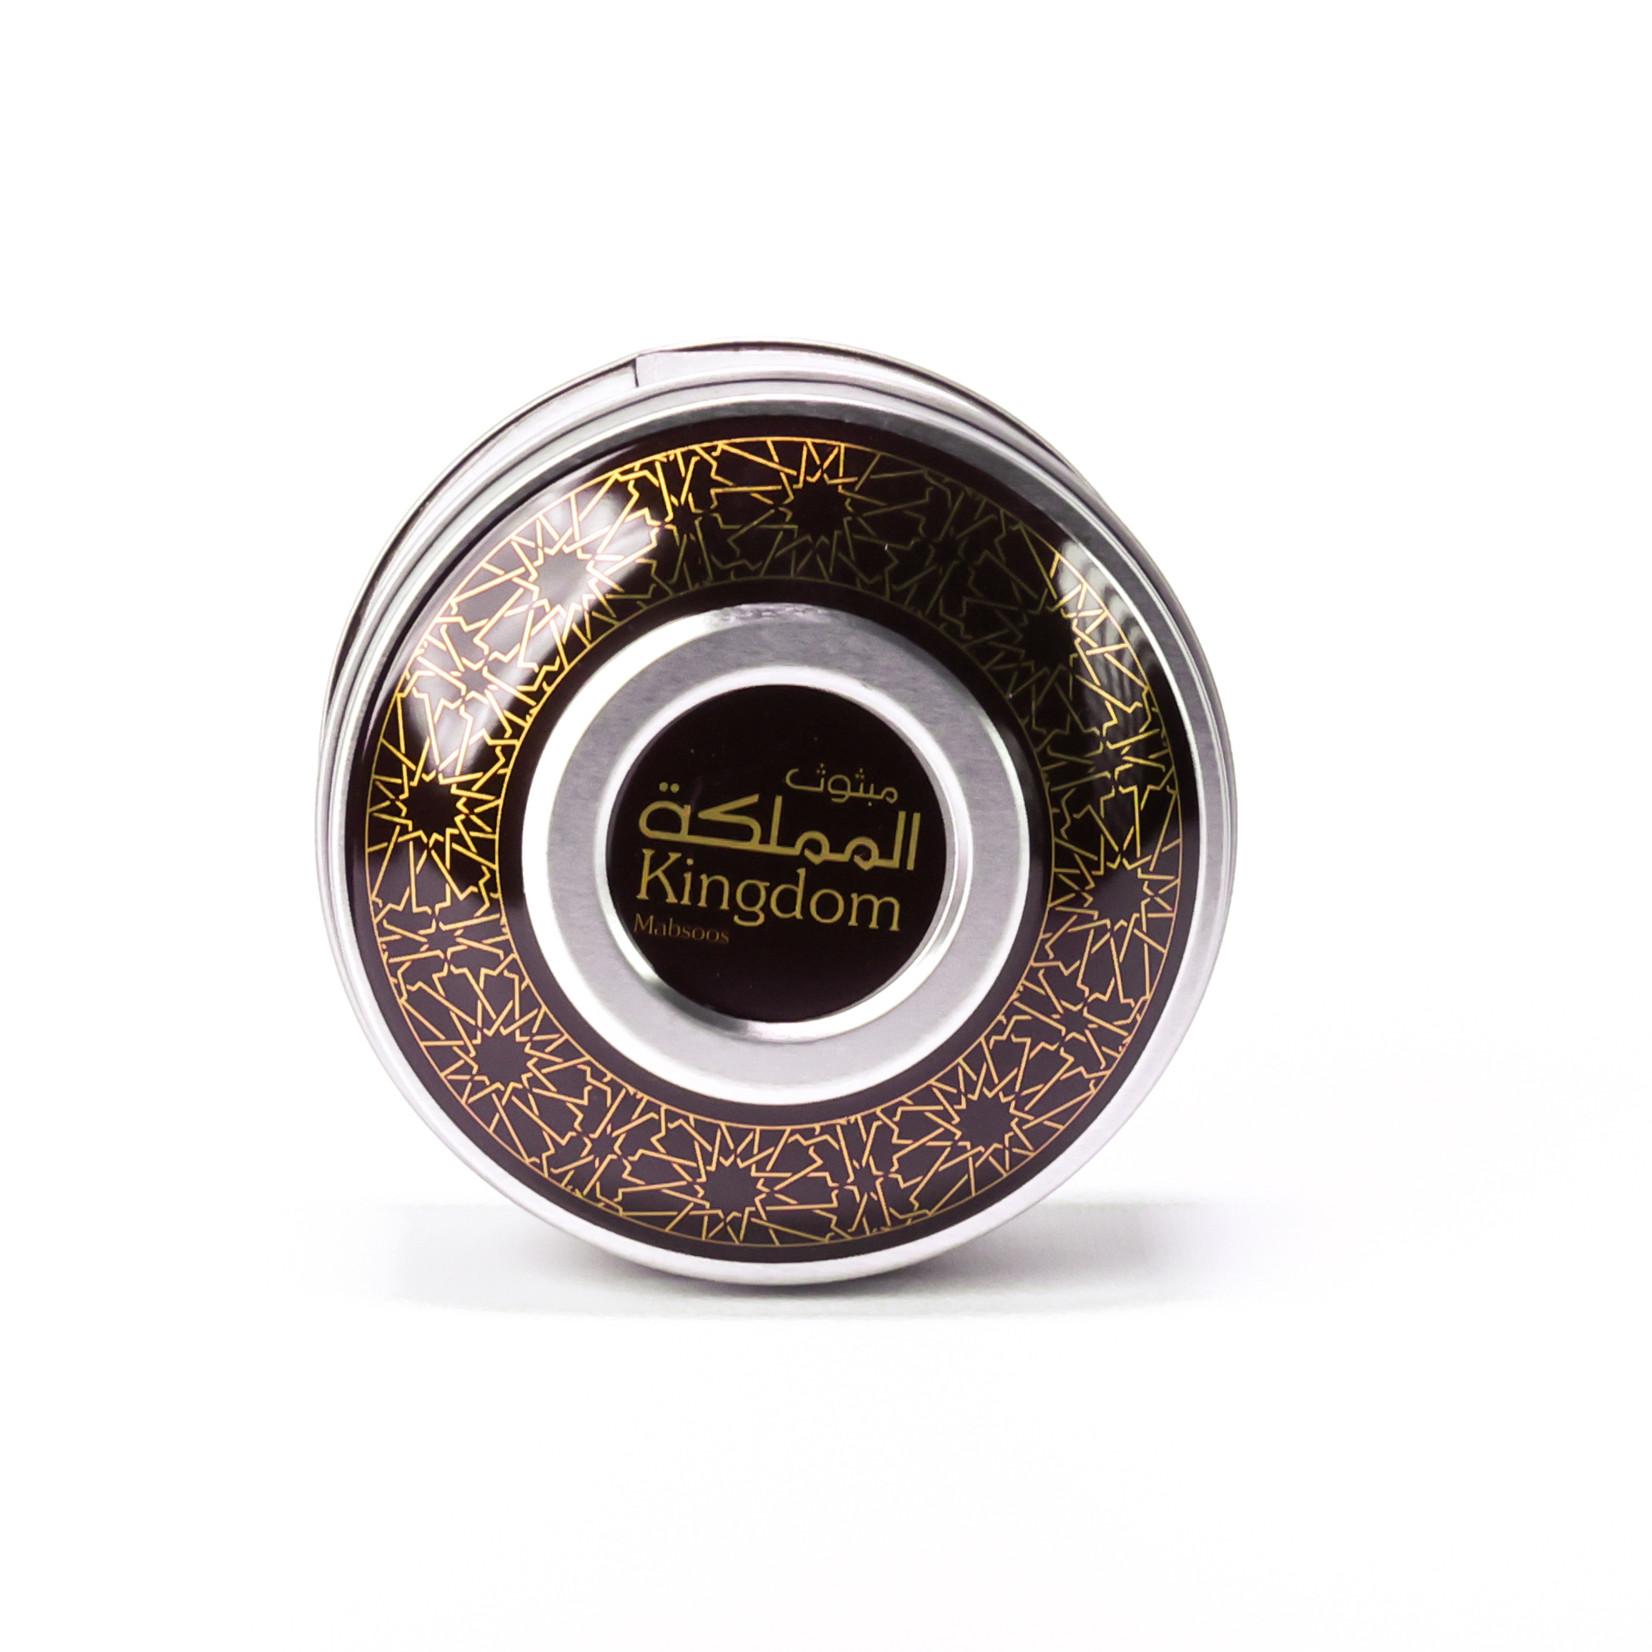 Arabian Oud Kingdom Mabsoos (120gram)